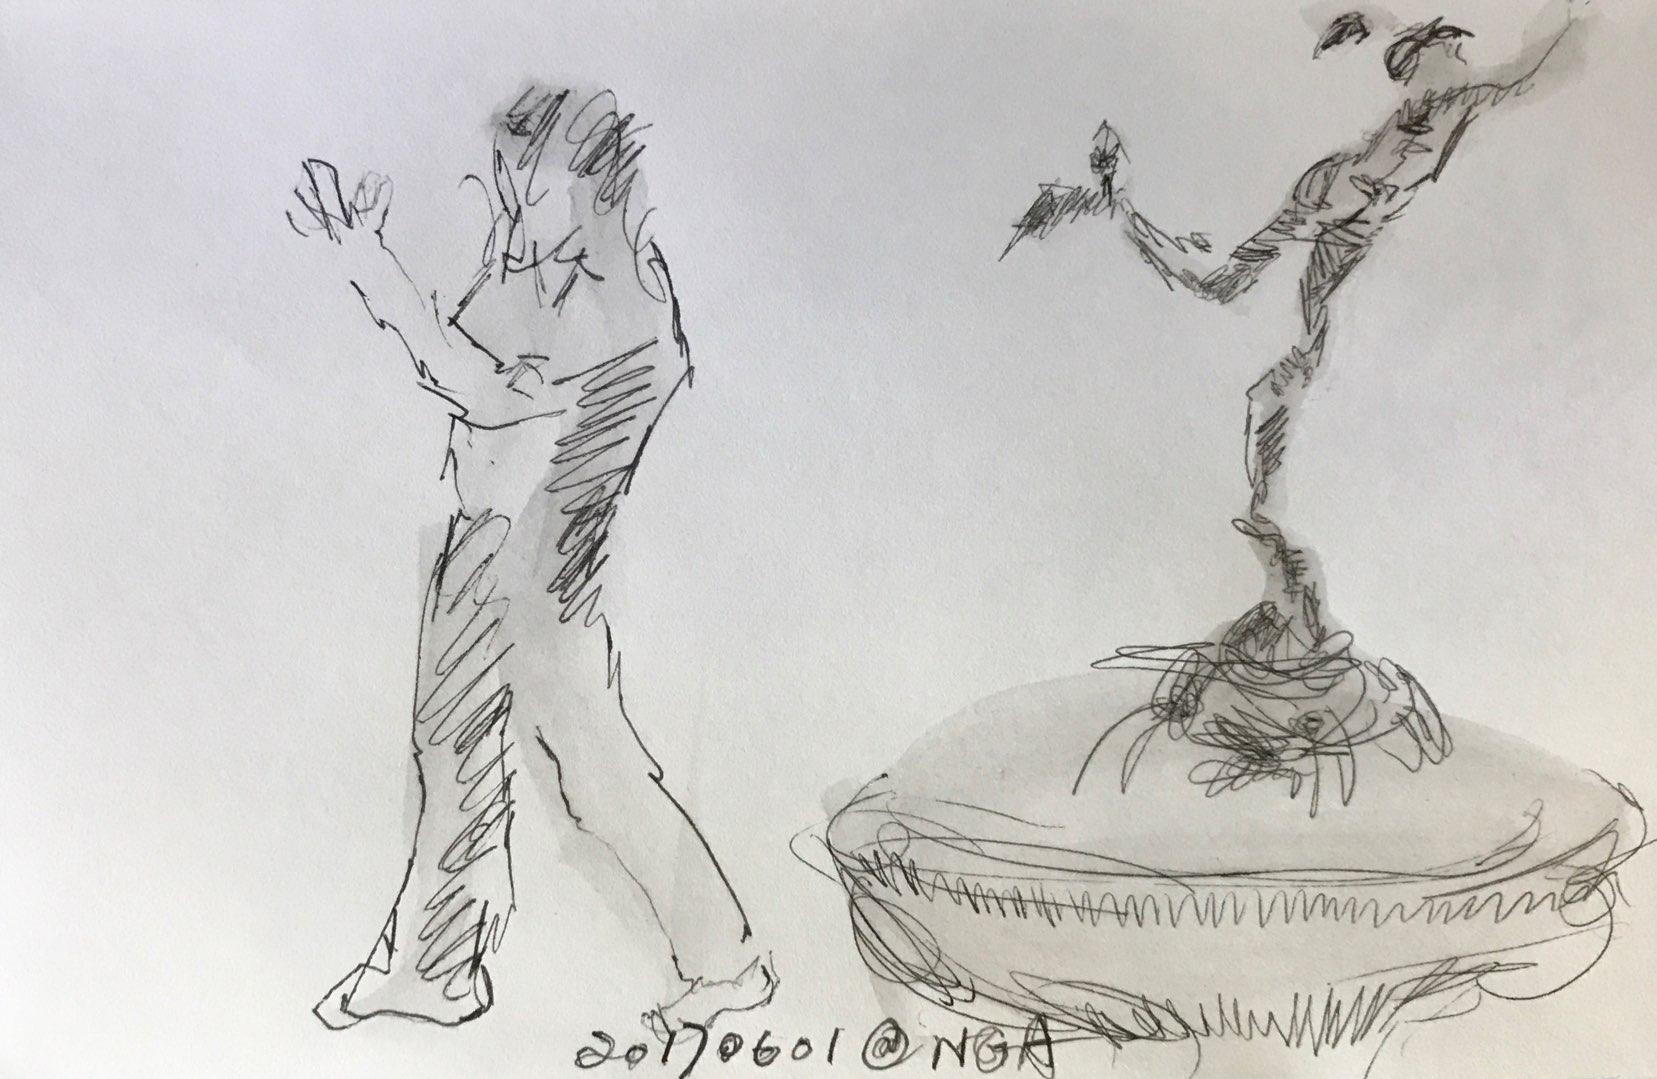 https://0901.nccdn.net/4_2/000/000/07d/95b/sketche177.jpg